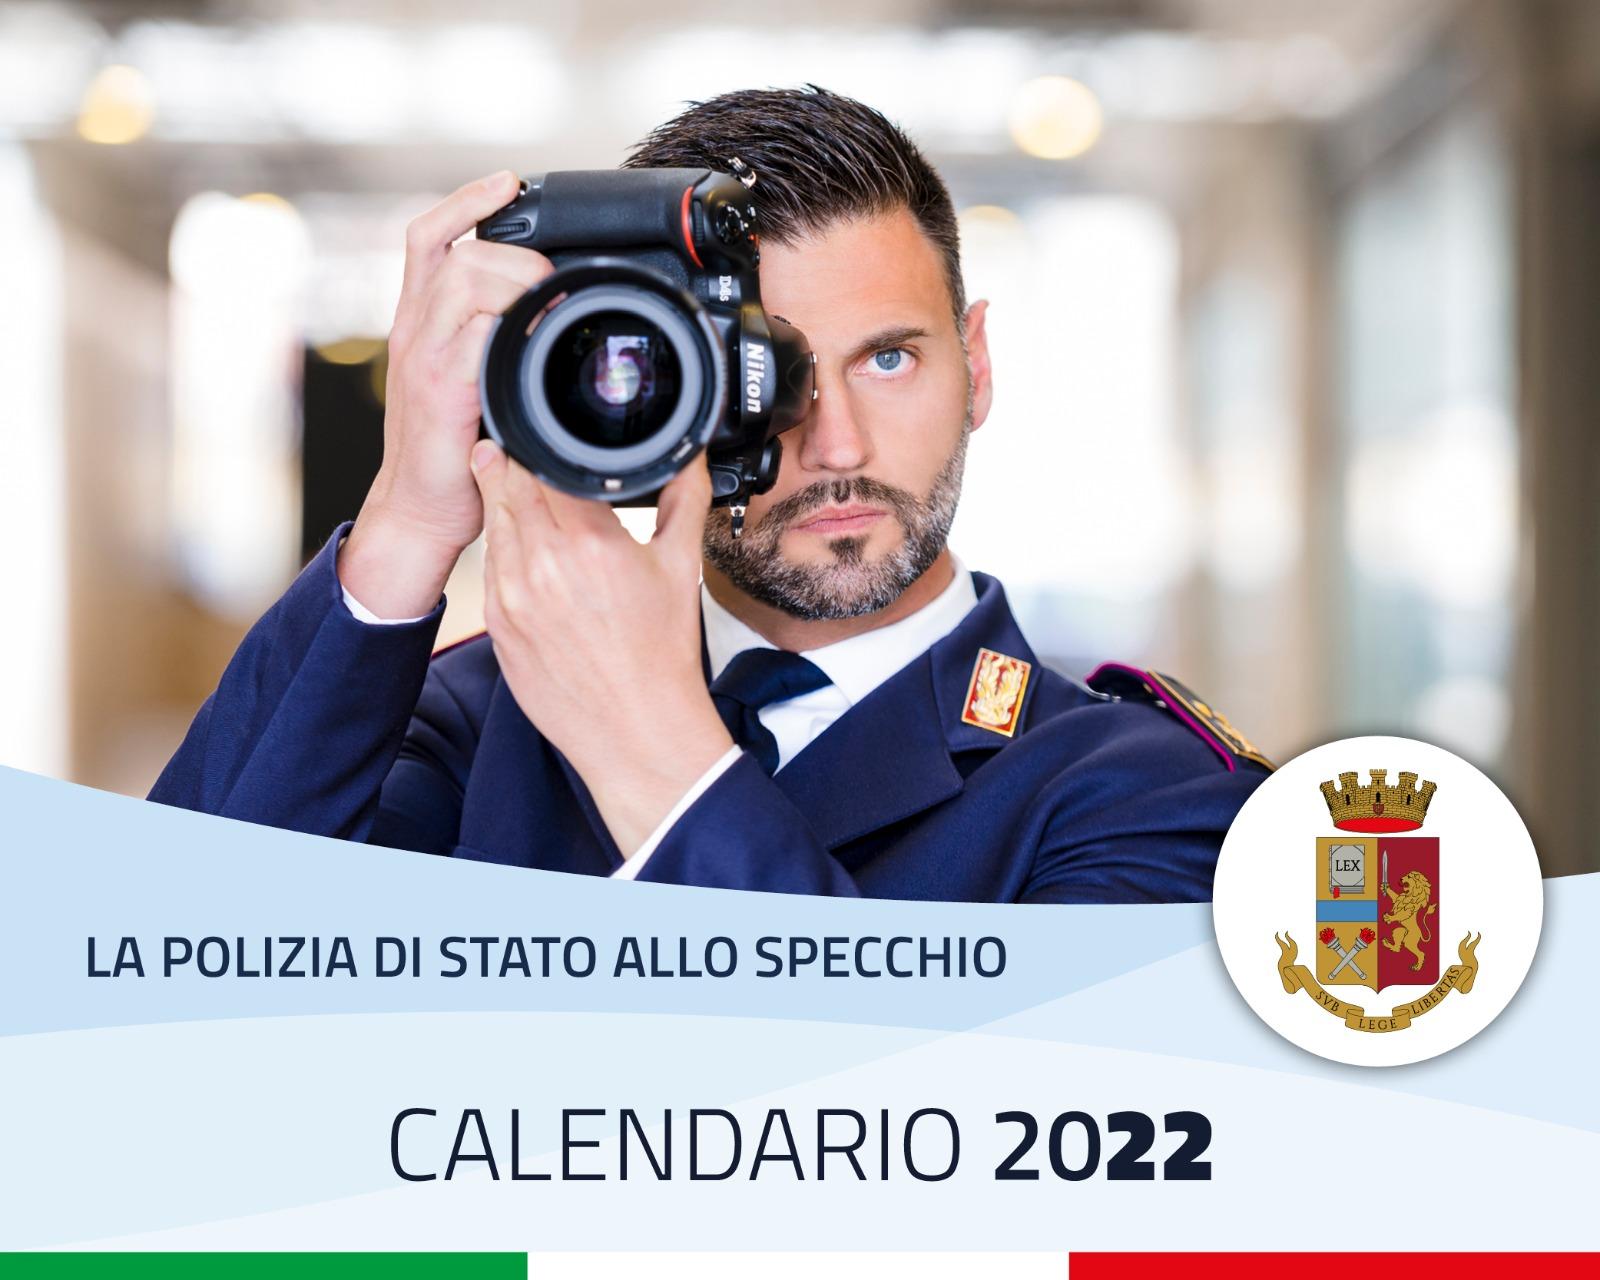 Calendario della Polizia di Stato 2022: racconterà l'attività operativa dei poliziotti